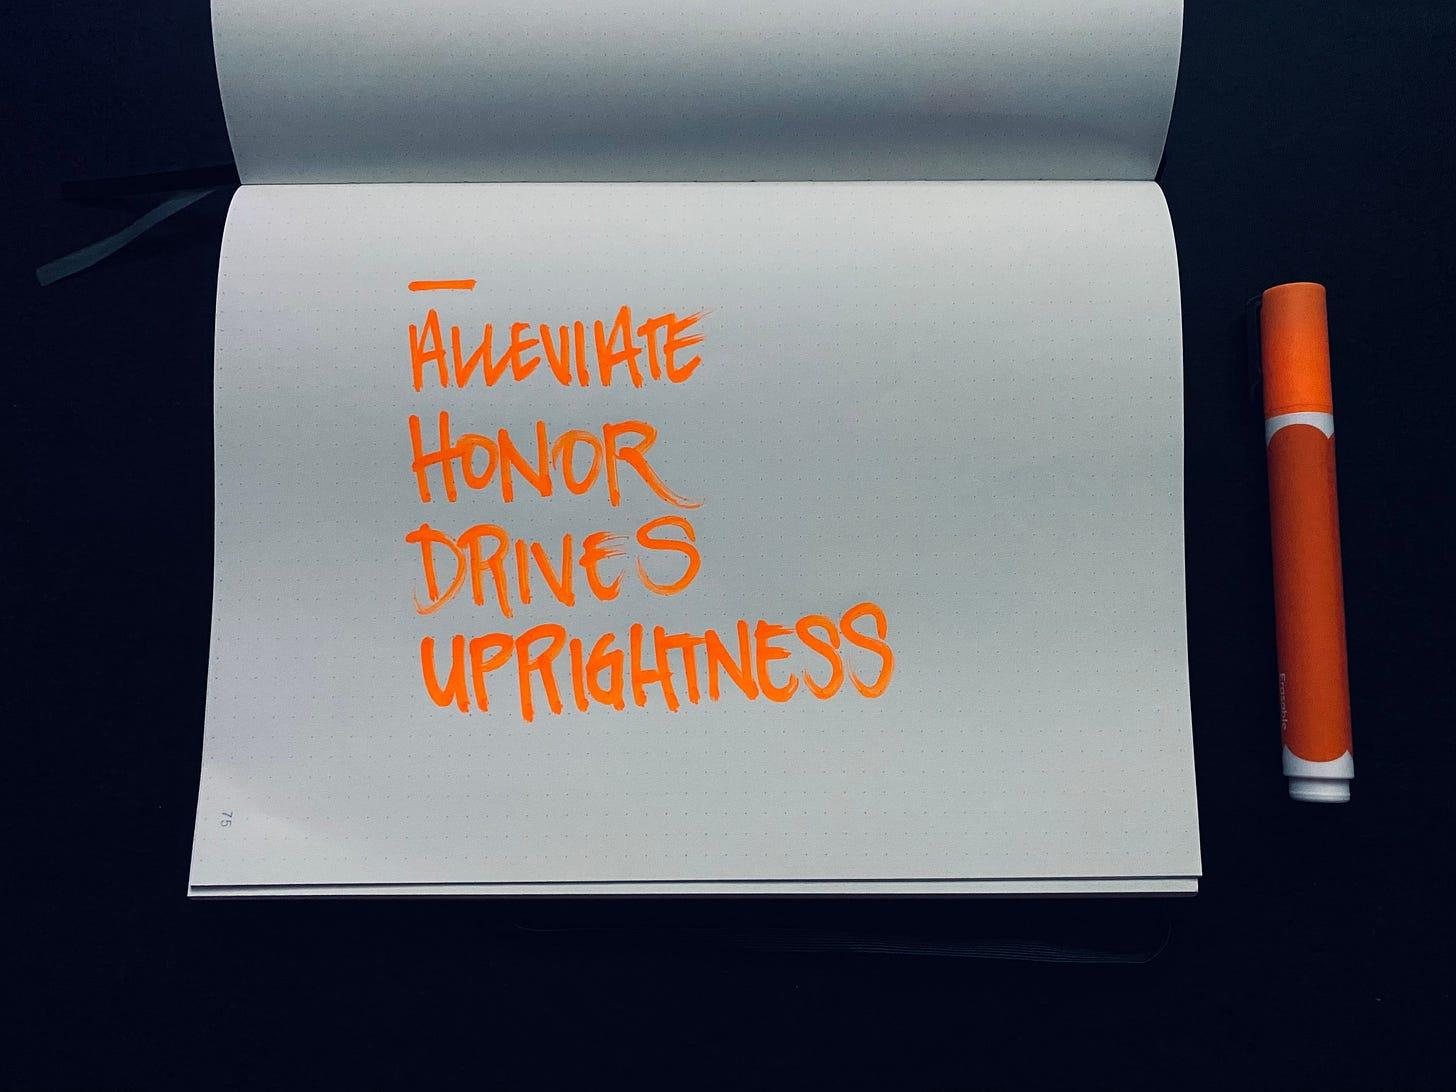 Words in a notebook, written in orange paint